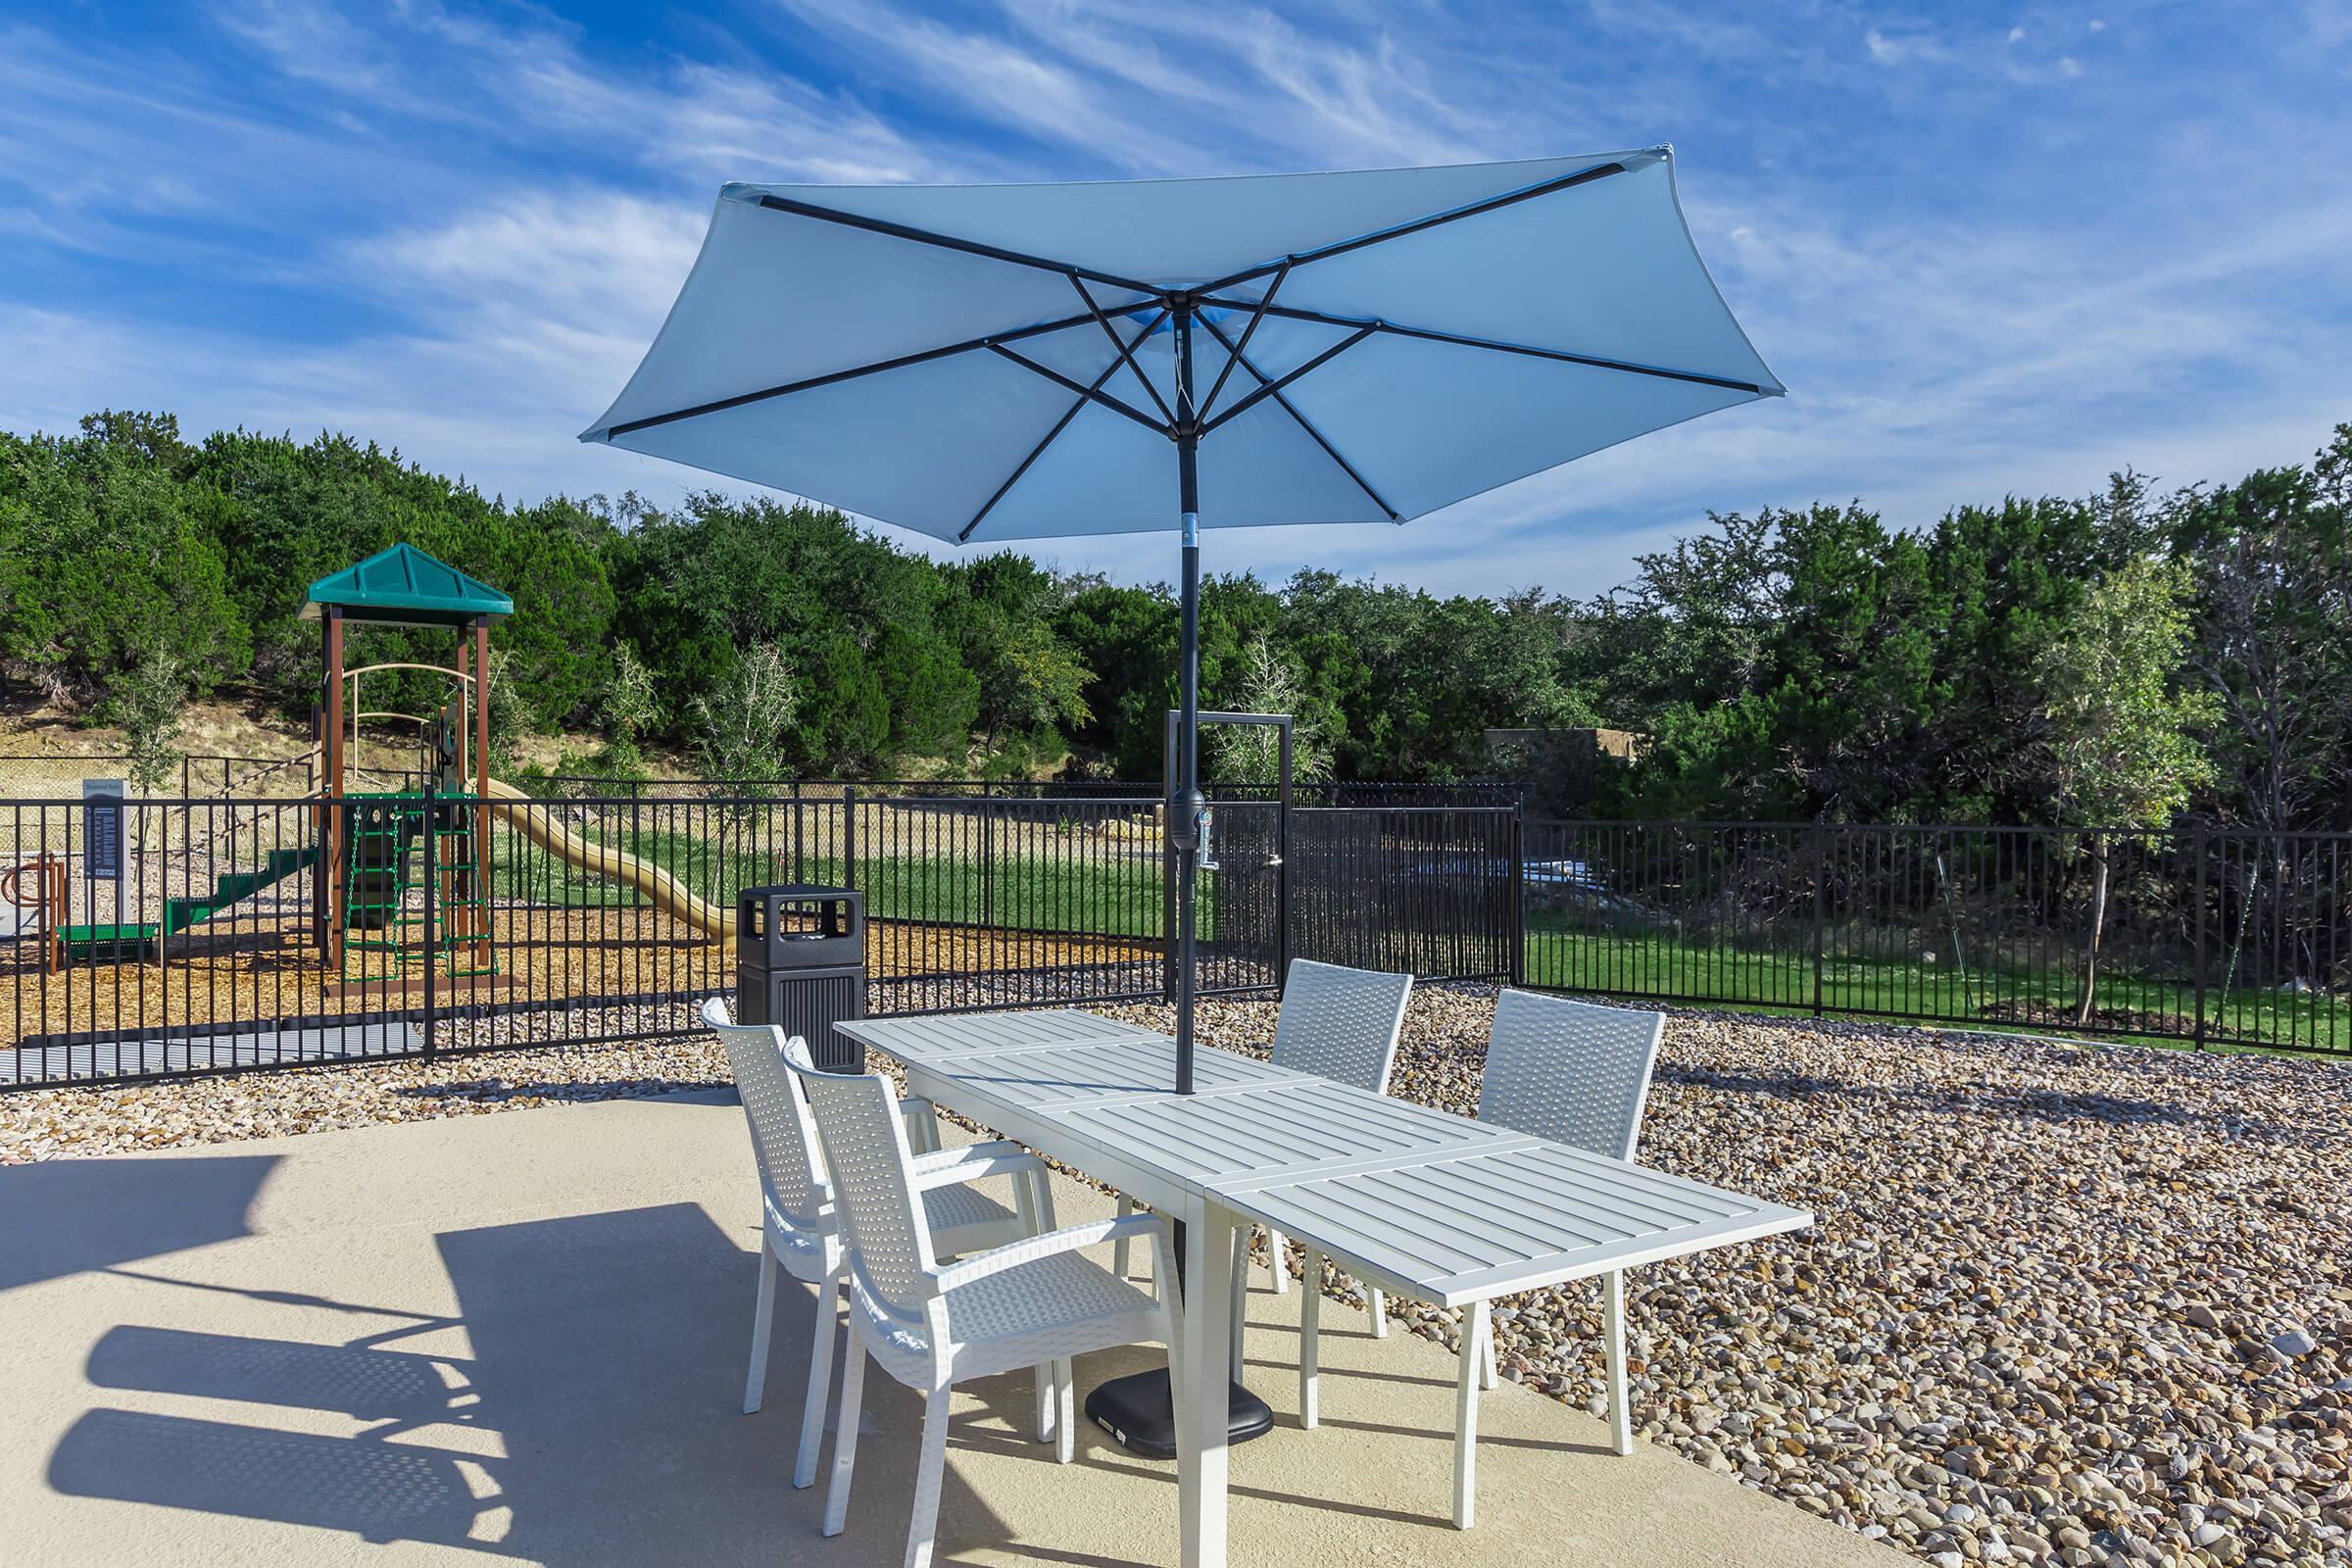 a lawn chair under an umbrella